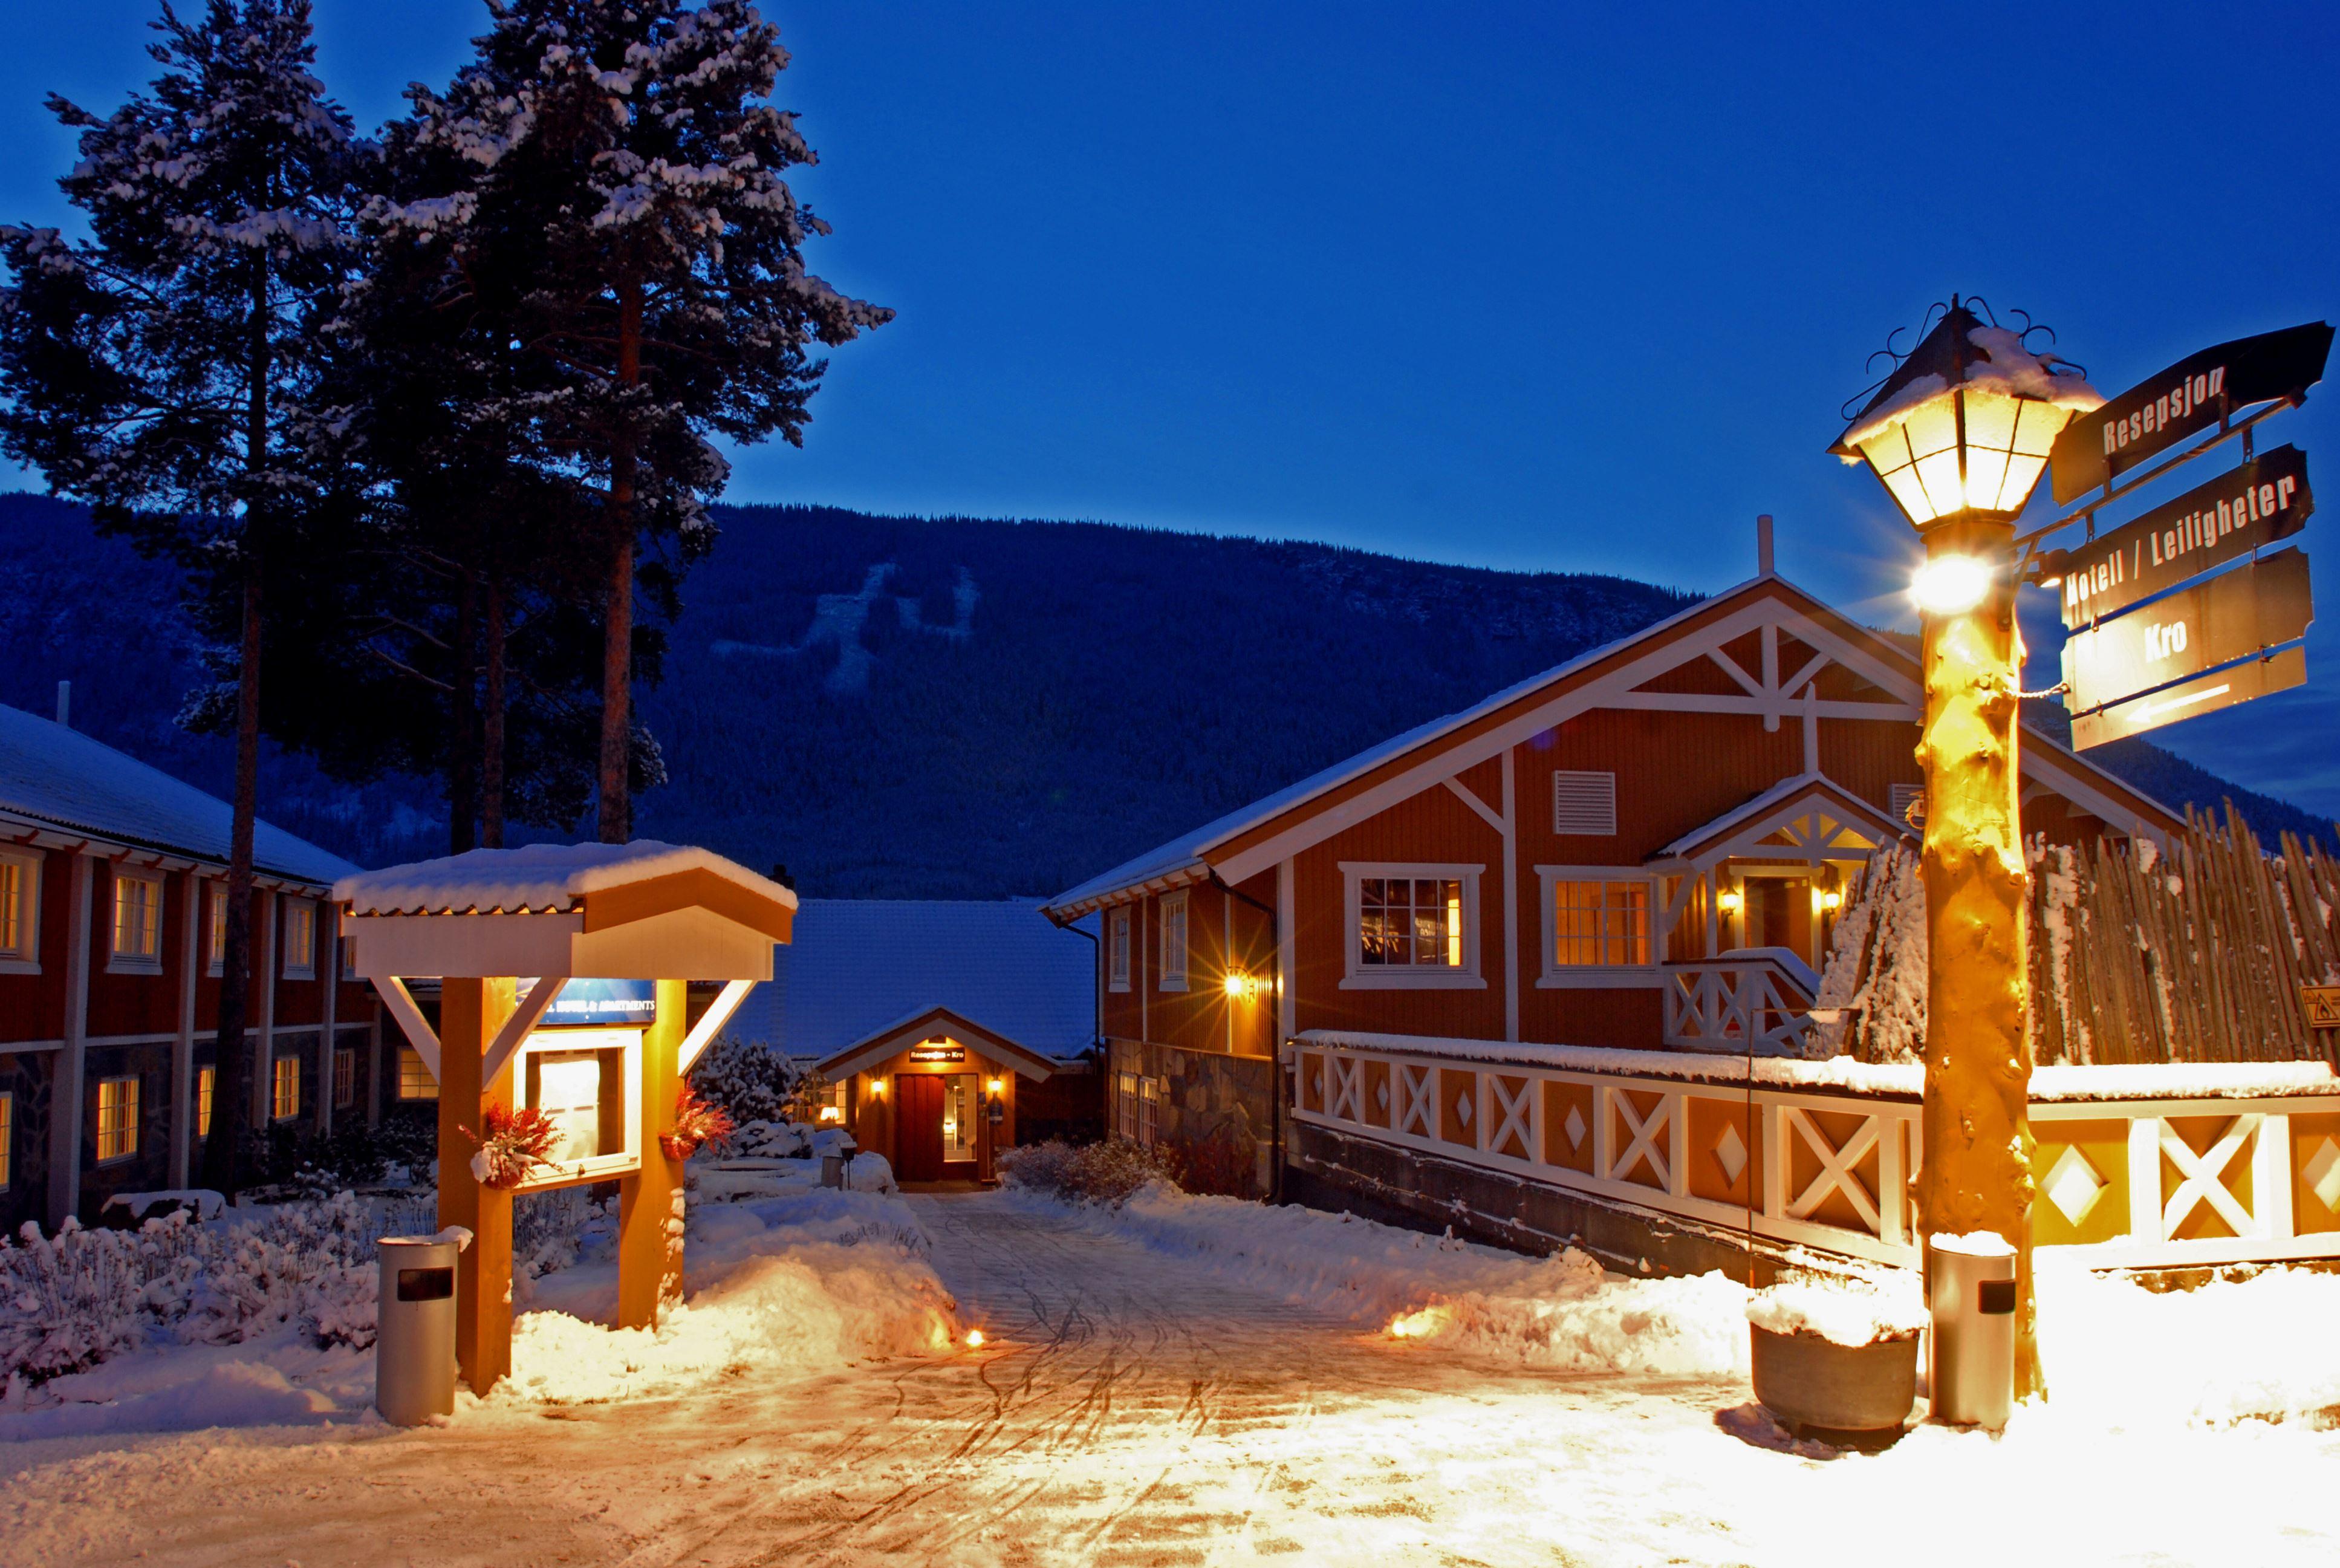 Julebord i Lillehammer regionen